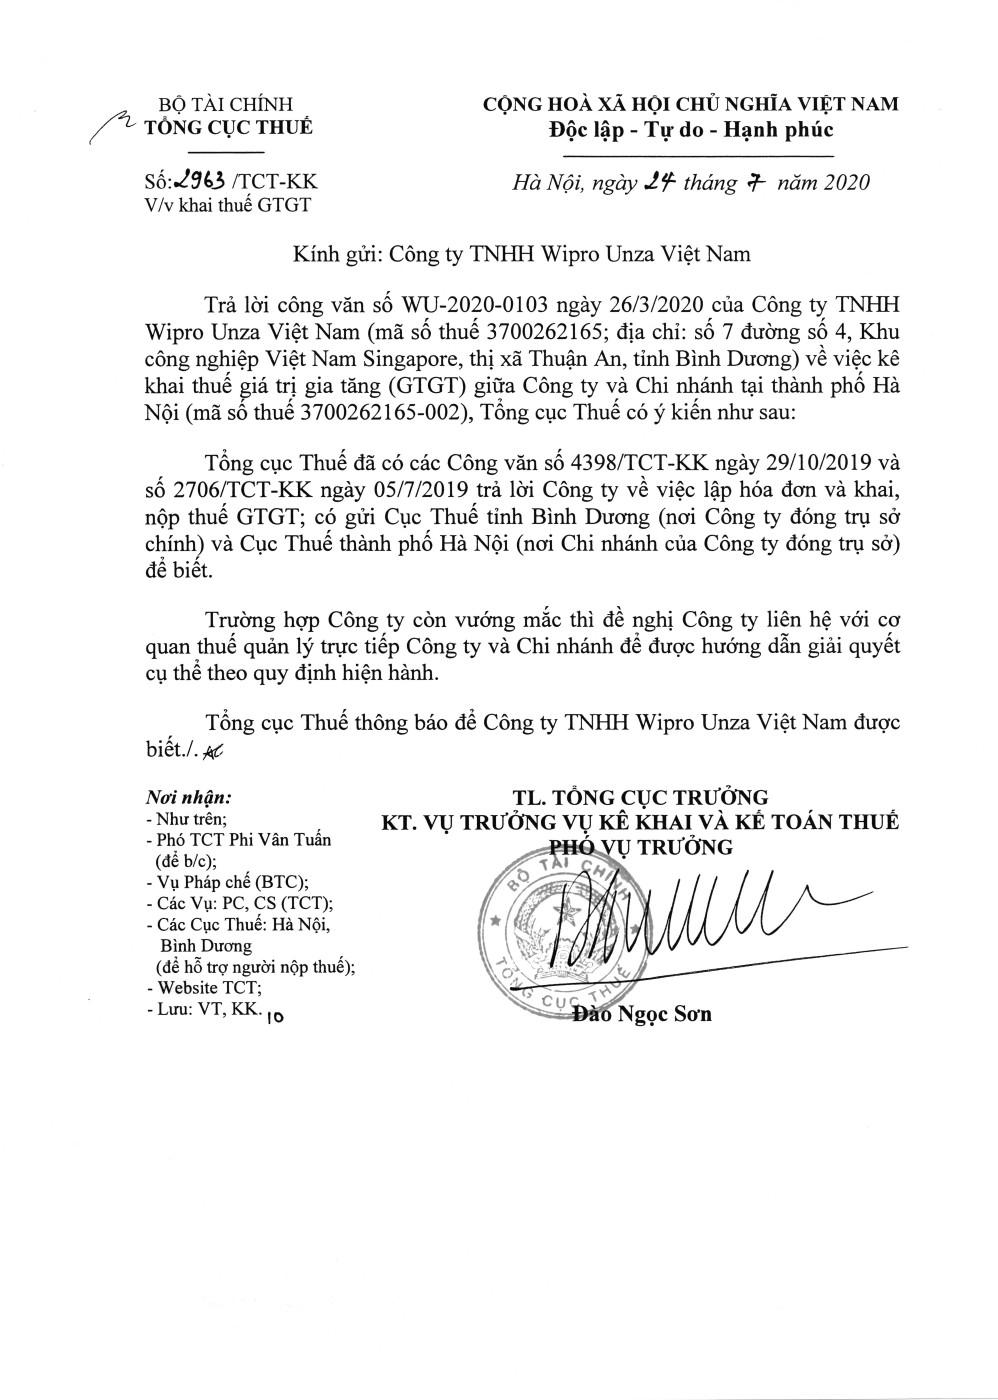 Công văn số 2963/TCT-KK của Tổng cục Thuế ngày 24/07/2020 v/v khai thuế GTGT